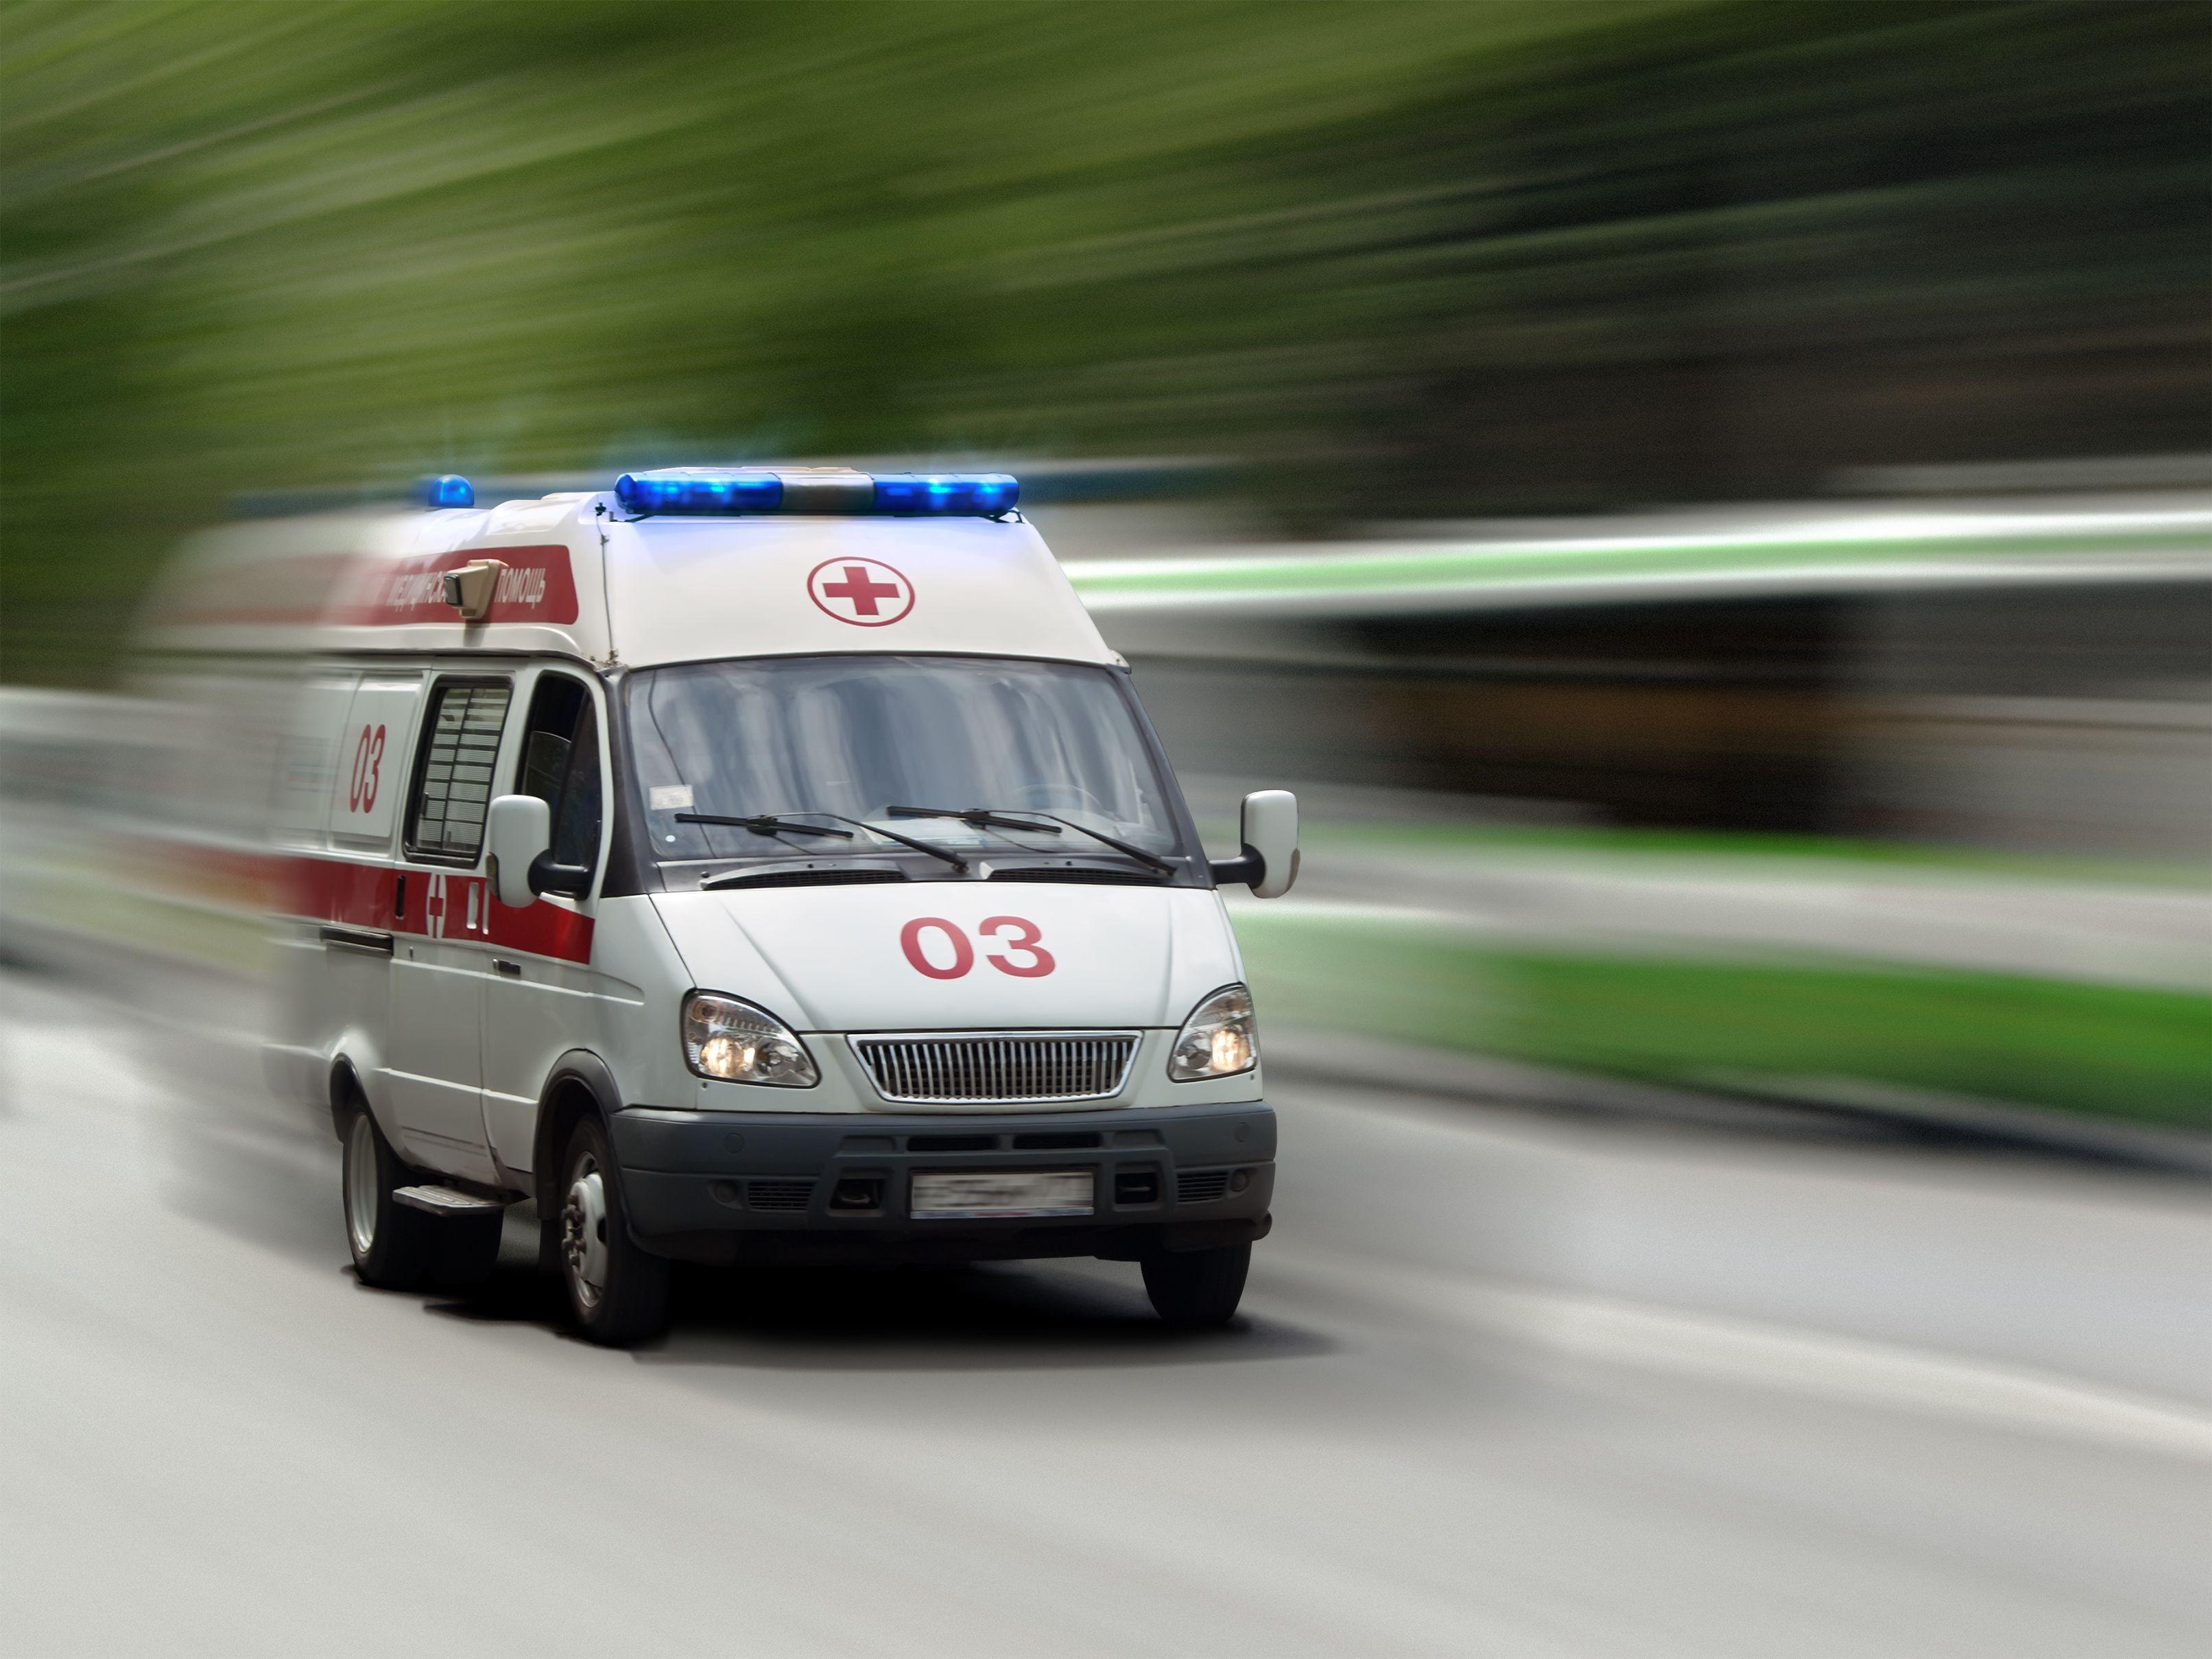 Шесть участников похорон погибли вДТП вТаджикистане